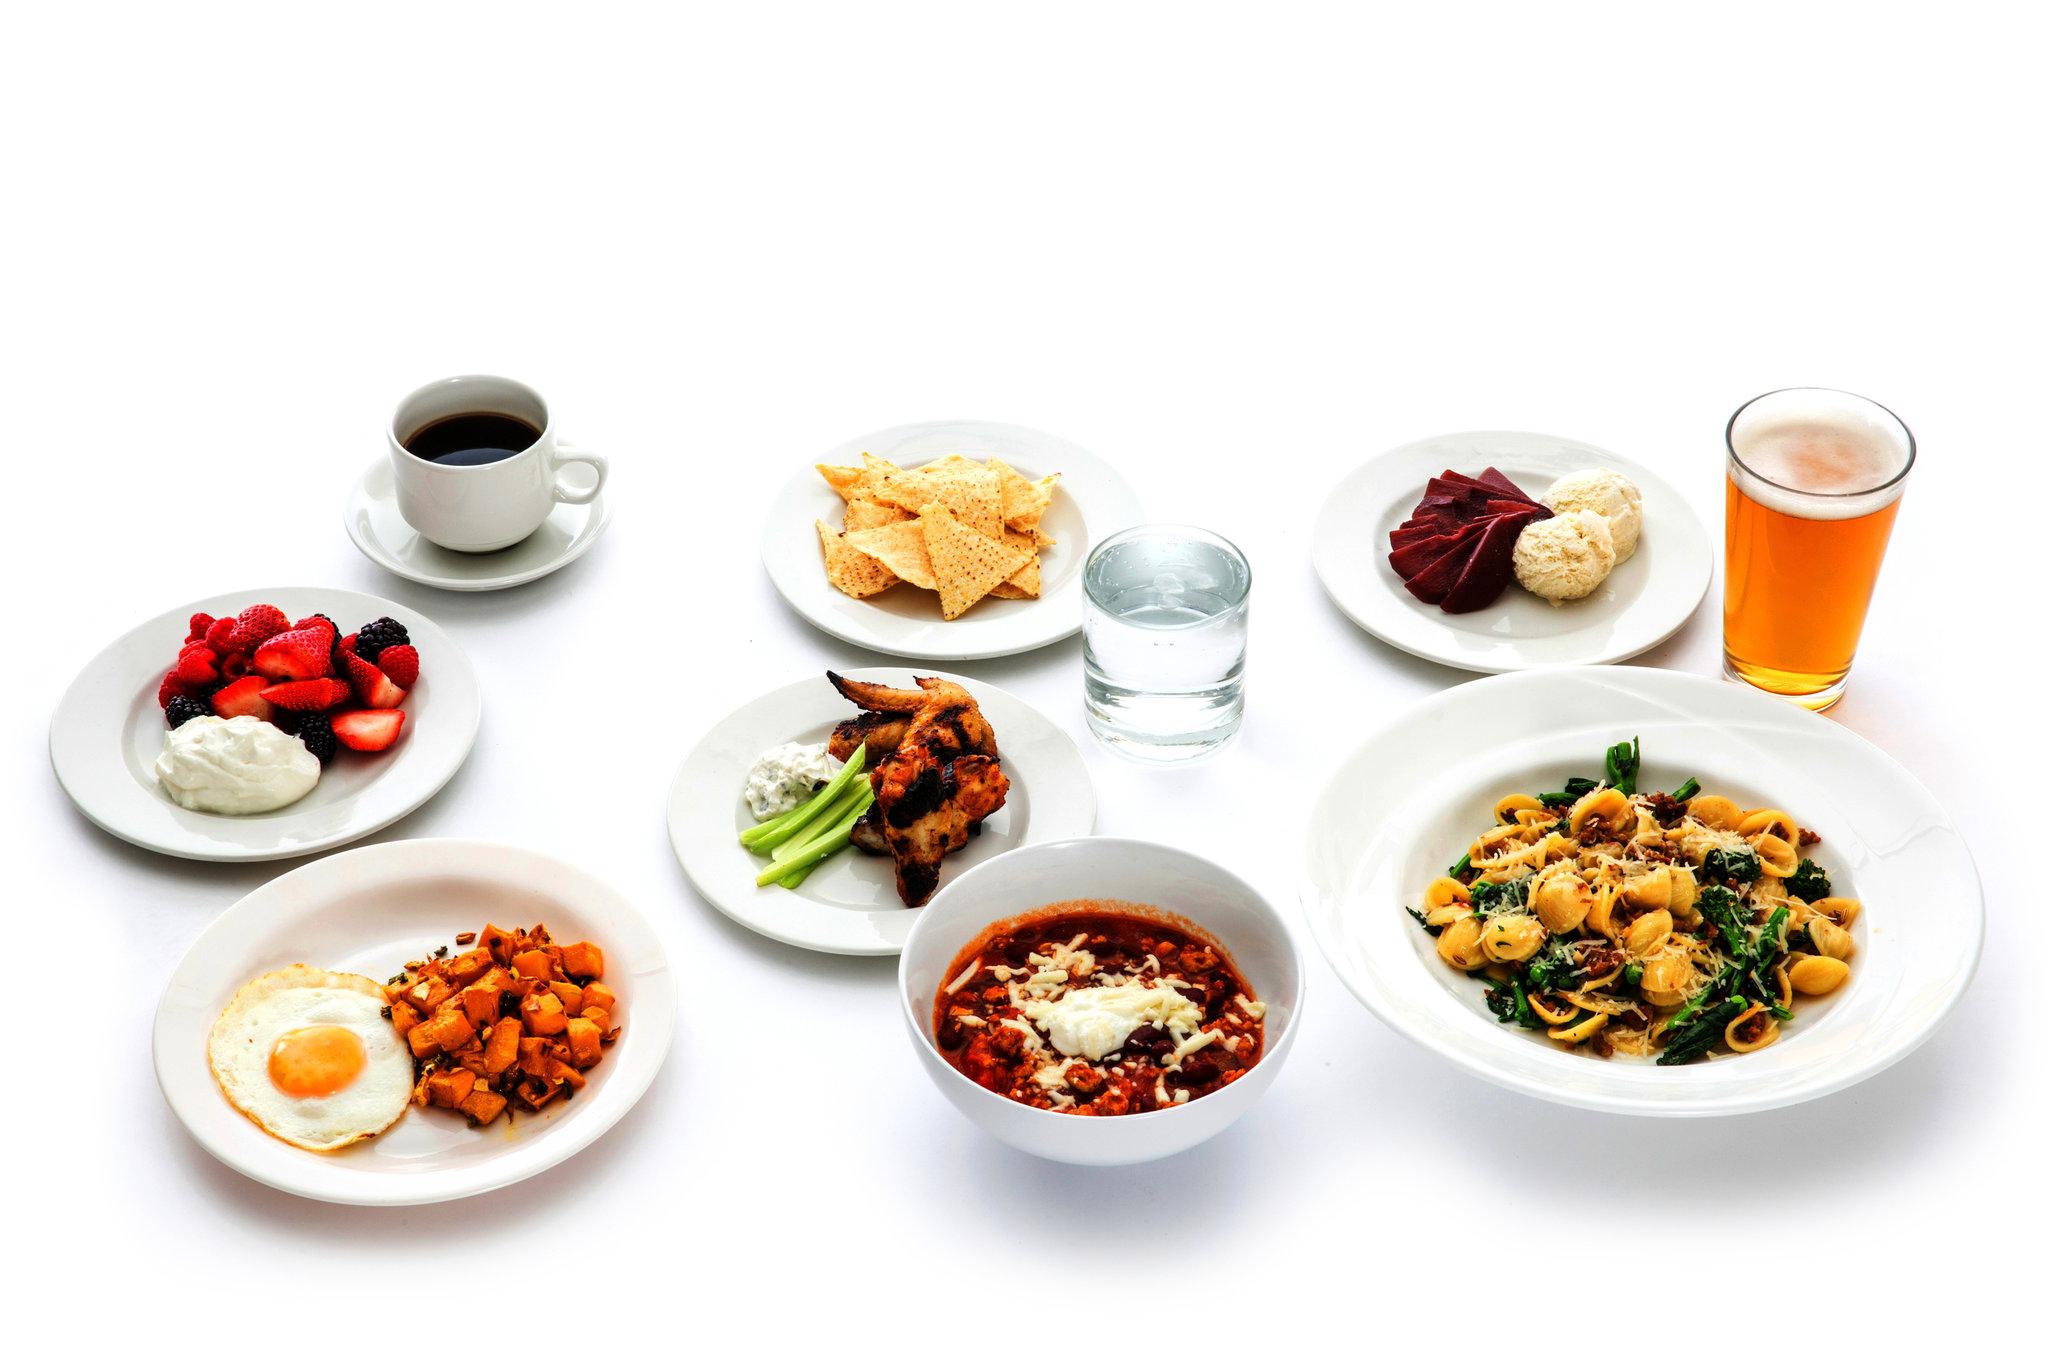 Hogy néz ki 2000 kalória? - BUDAPEST24